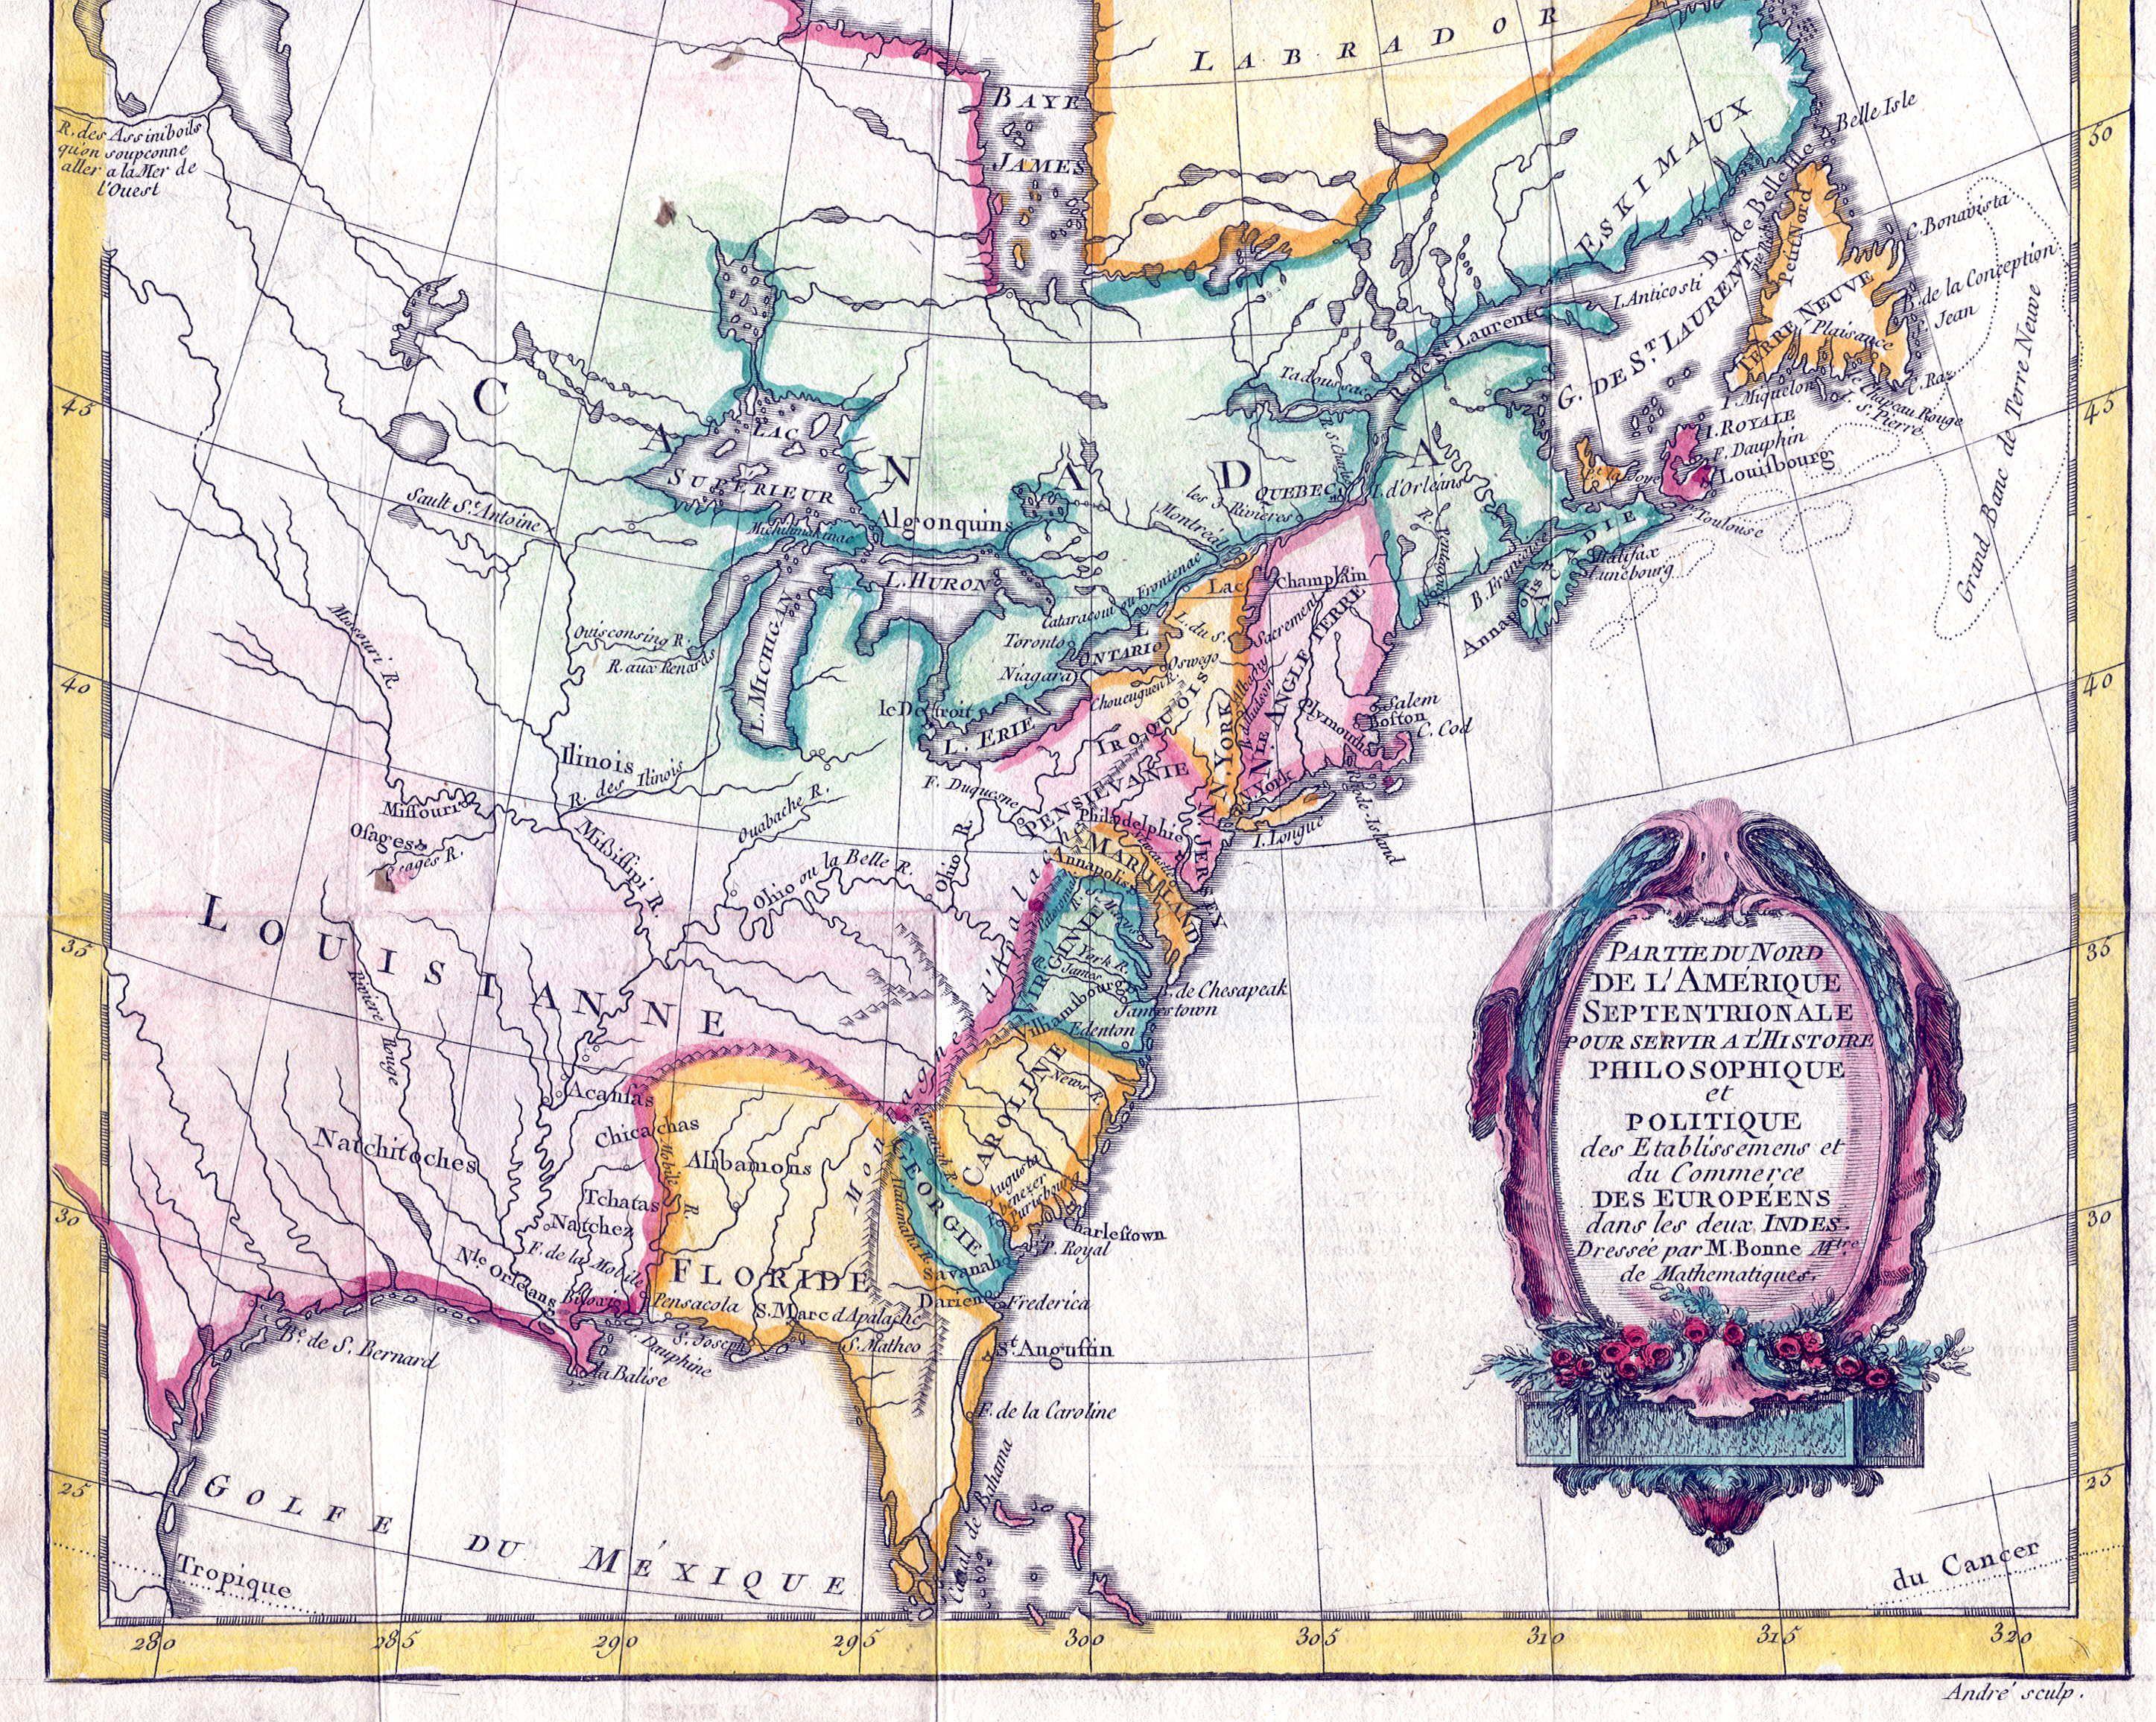 Chicago America Map.Pin By Ellen Gradman On Chicago Maps Pinterest British North